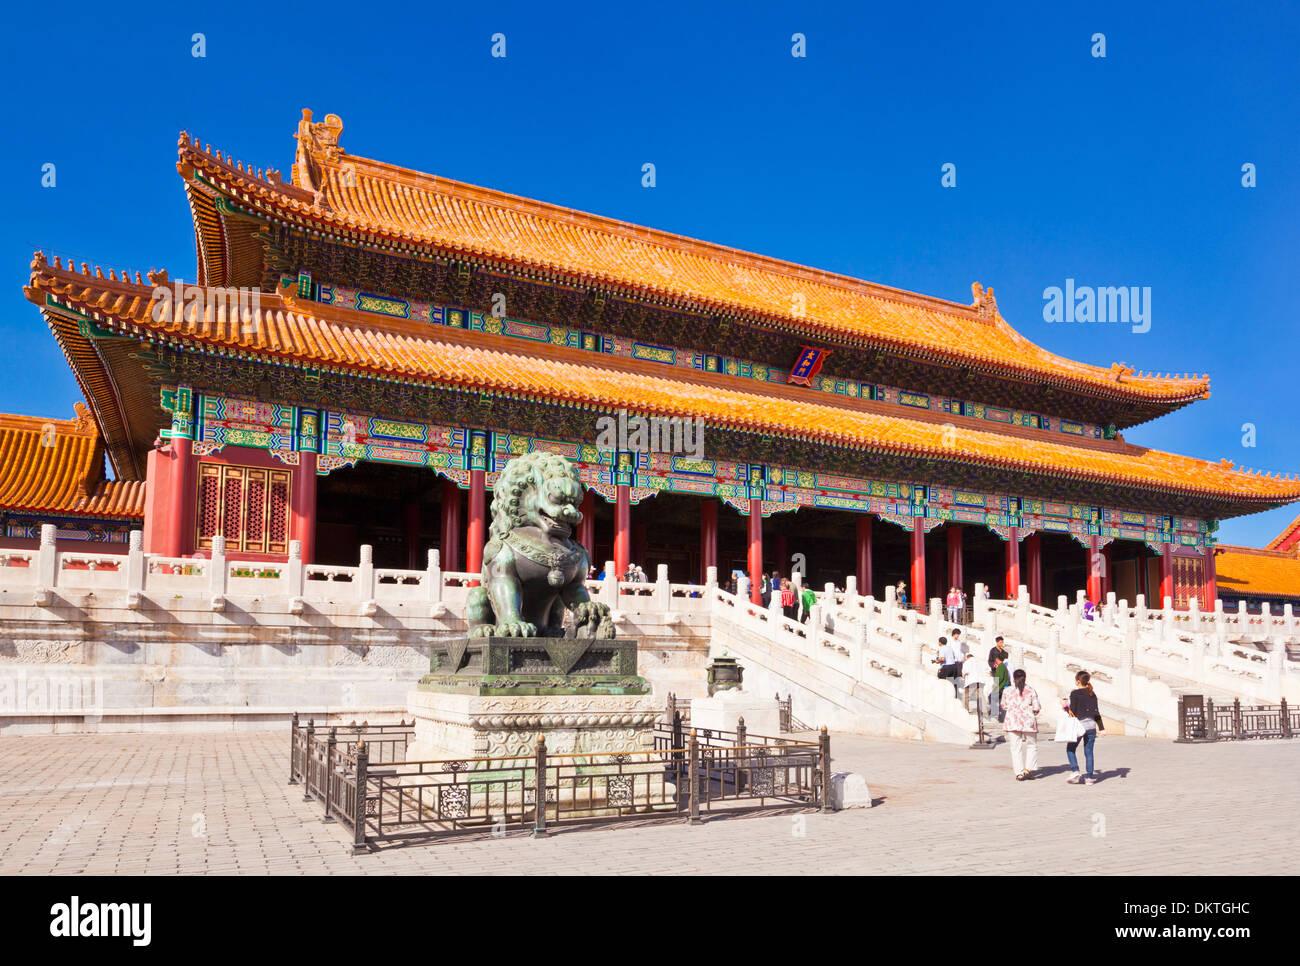 Männlicher Löwe aus Bronze vor der Tor von Supreme Harmonie äußere Gericht verbotene Stadt Peking Völker Volksrepublik China VR China Asien Stockbild